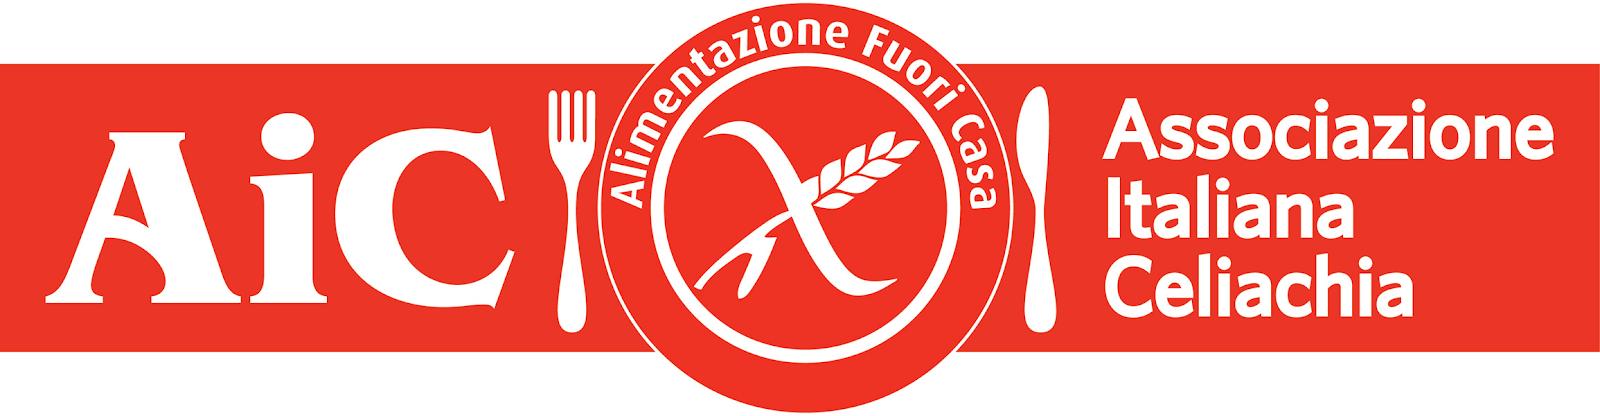 """La """"spiga sbarrata"""", il marchio dell'Associazione Italiana Celiachia (AIC), che caratterizza tutti i prodotti senza glutine."""